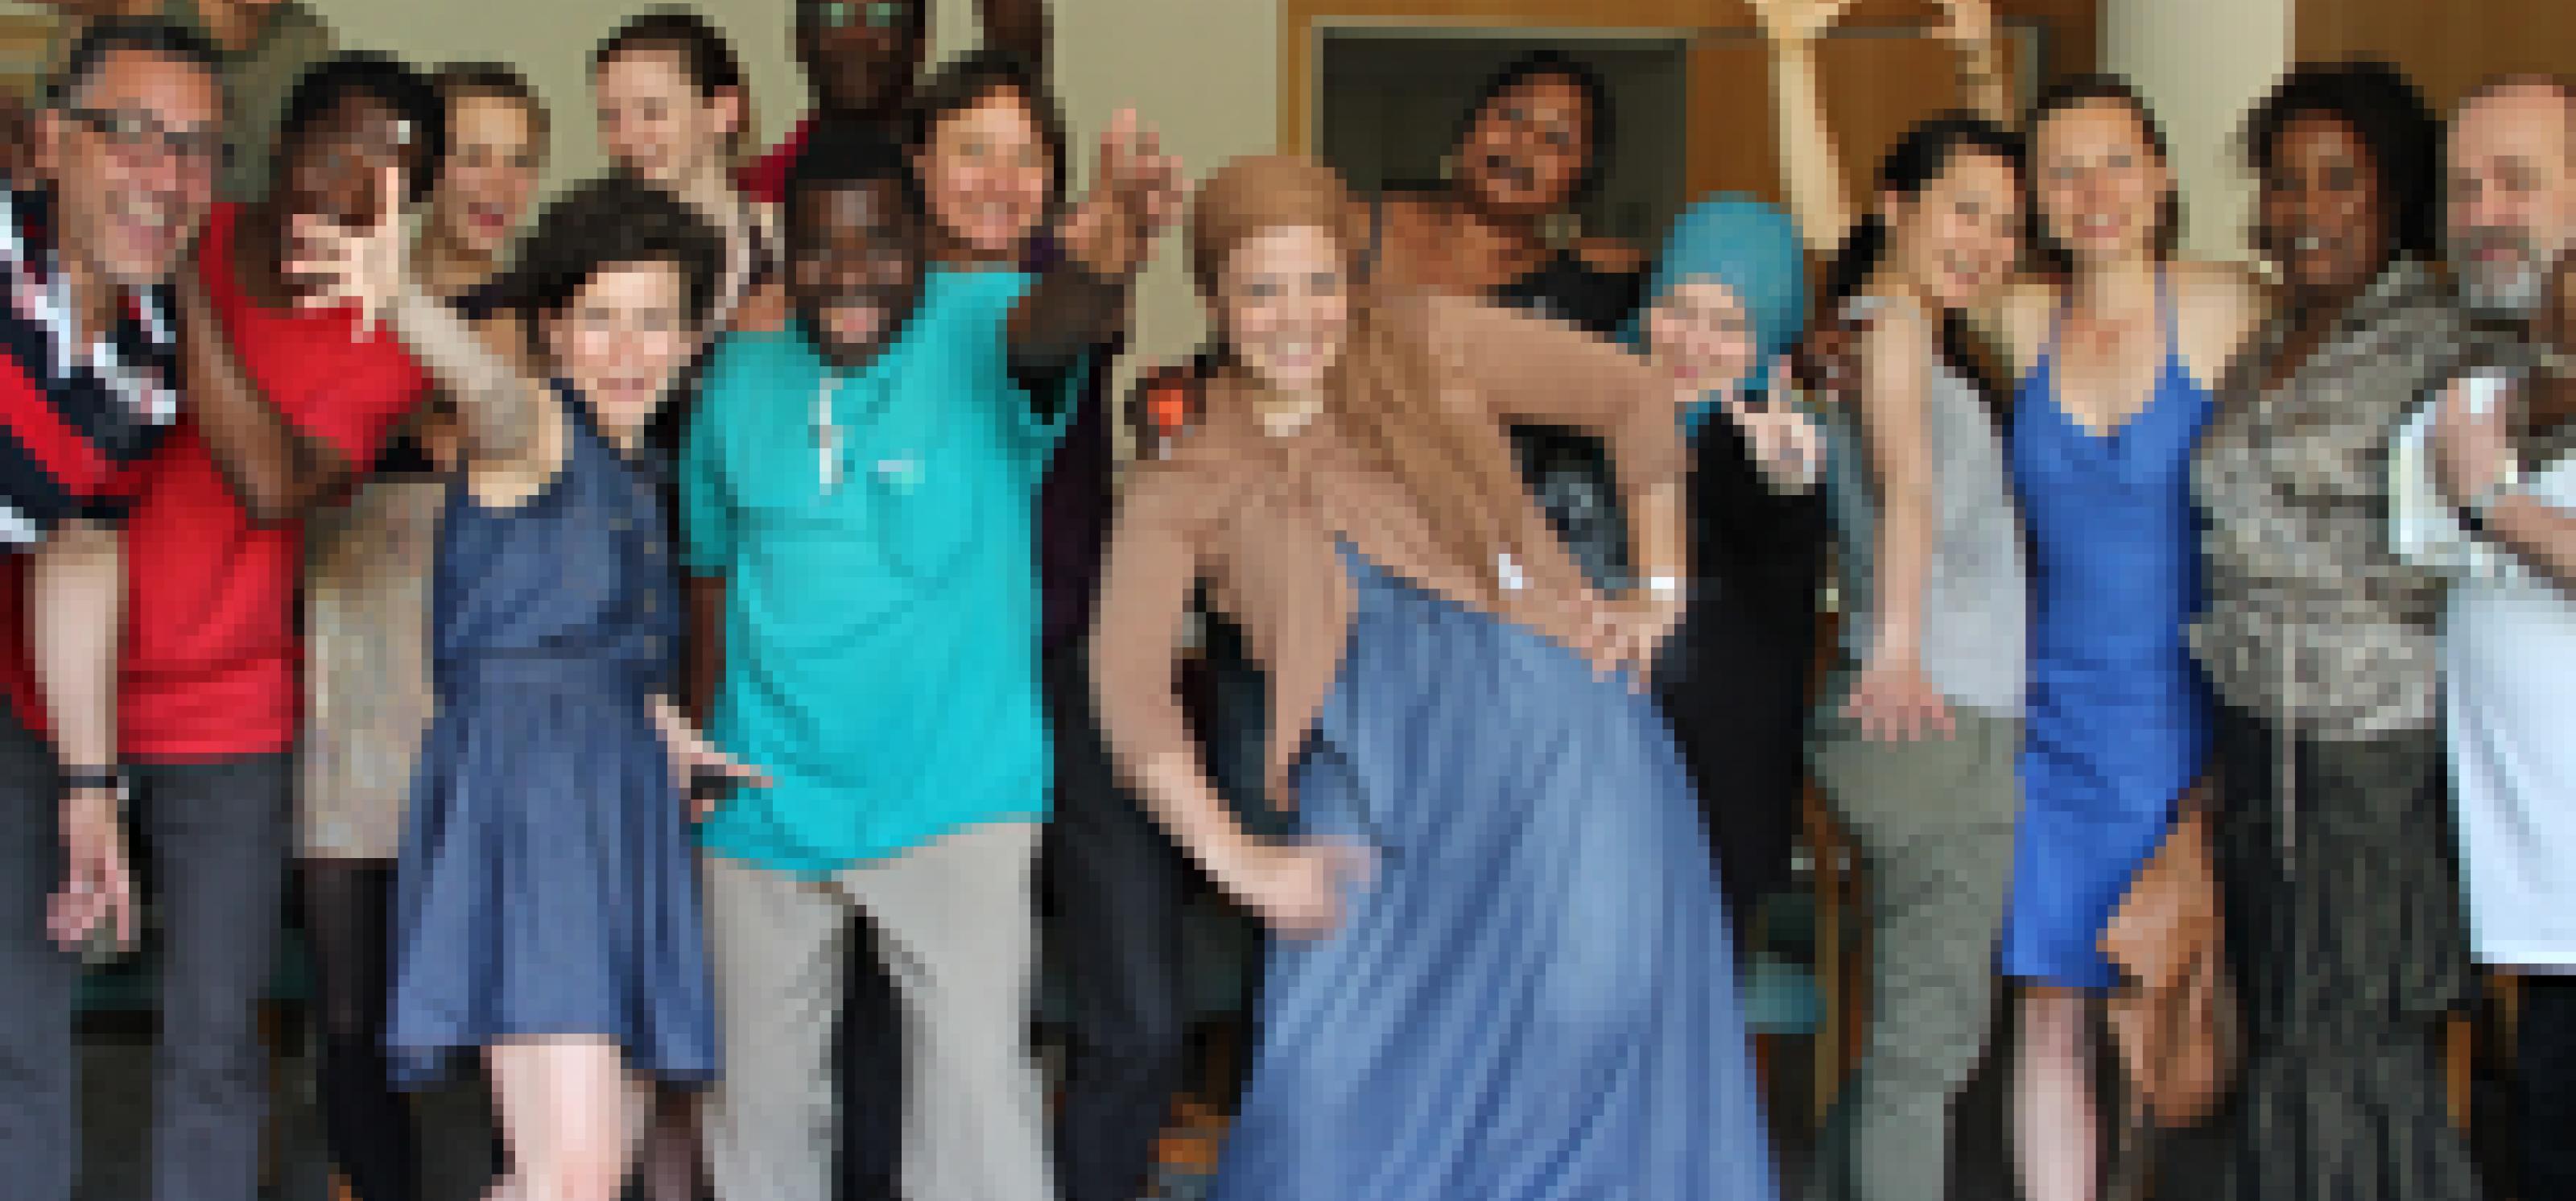 Theaterworkshop für Migranten in der HIV-Prävention